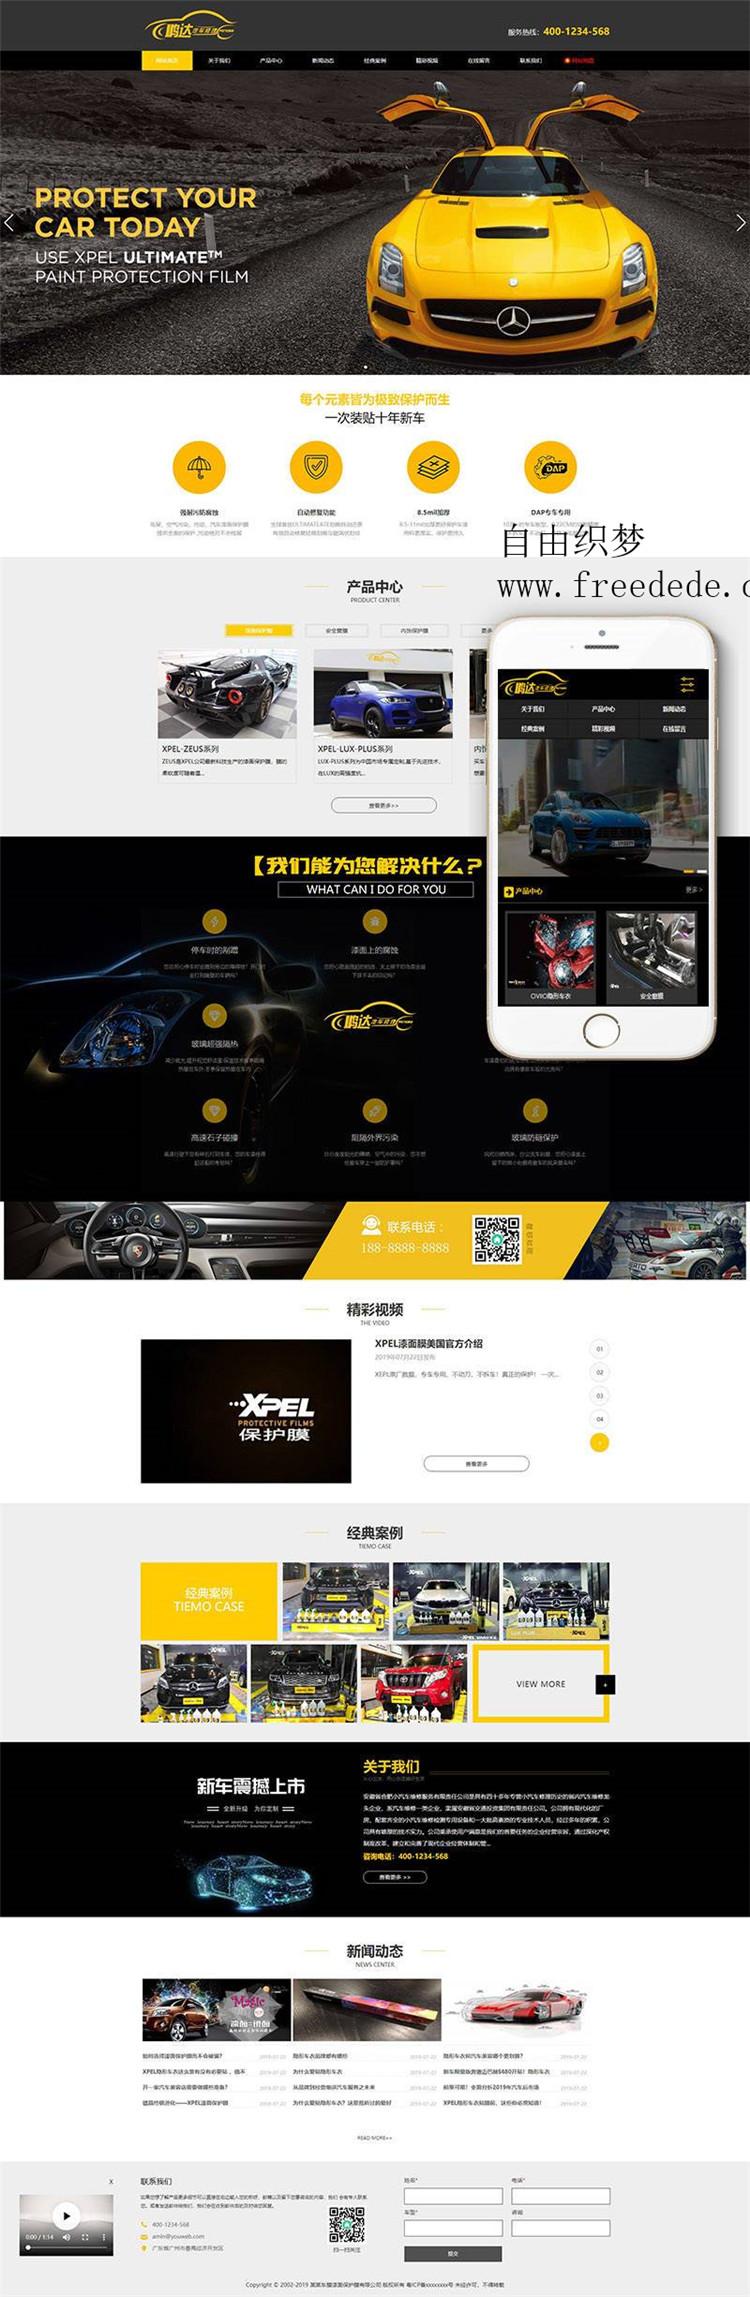 爱上源码网文章dedecms模板下载 汽车美容维修贴膜工厂网站织梦模板(带手机端)的内容插图